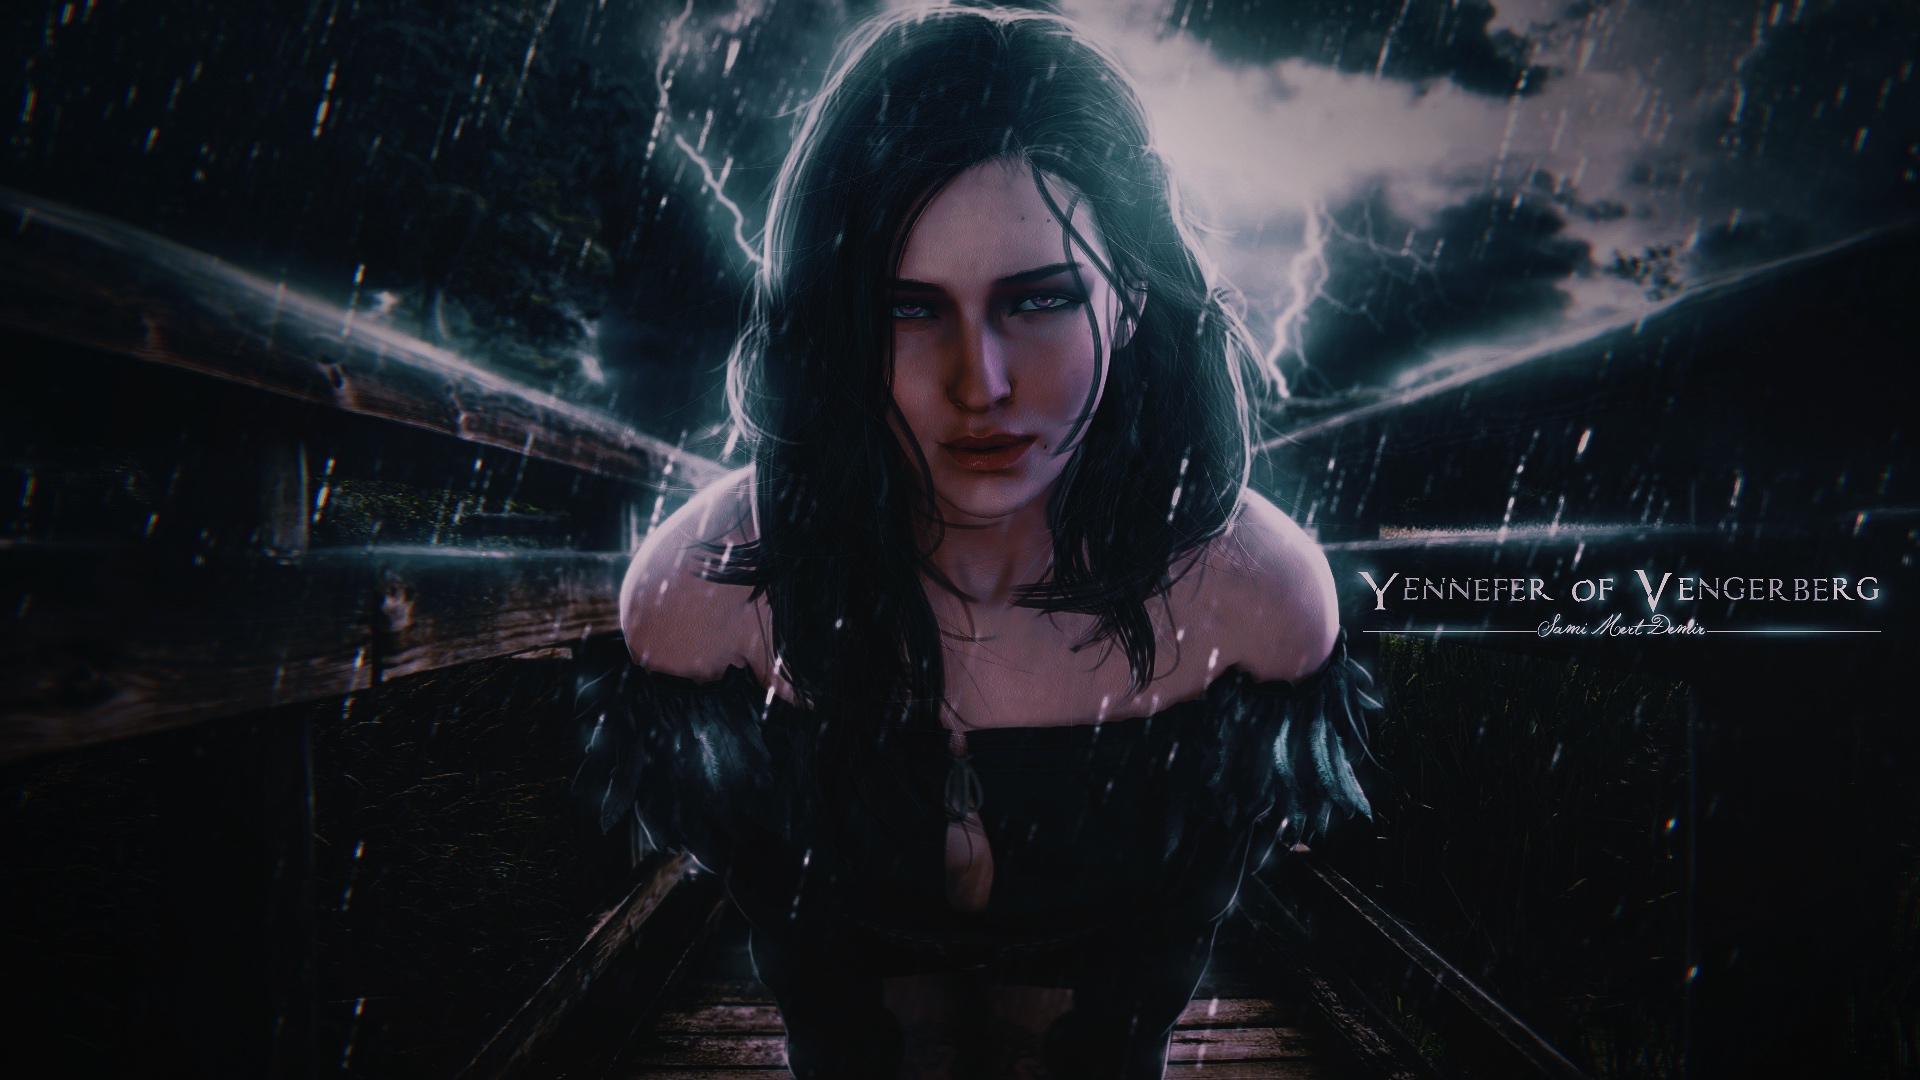 Superhero Hd Wallpapers Iphone Desktop Wallpaper The Witcher 3 Wild Hunt Game Girl